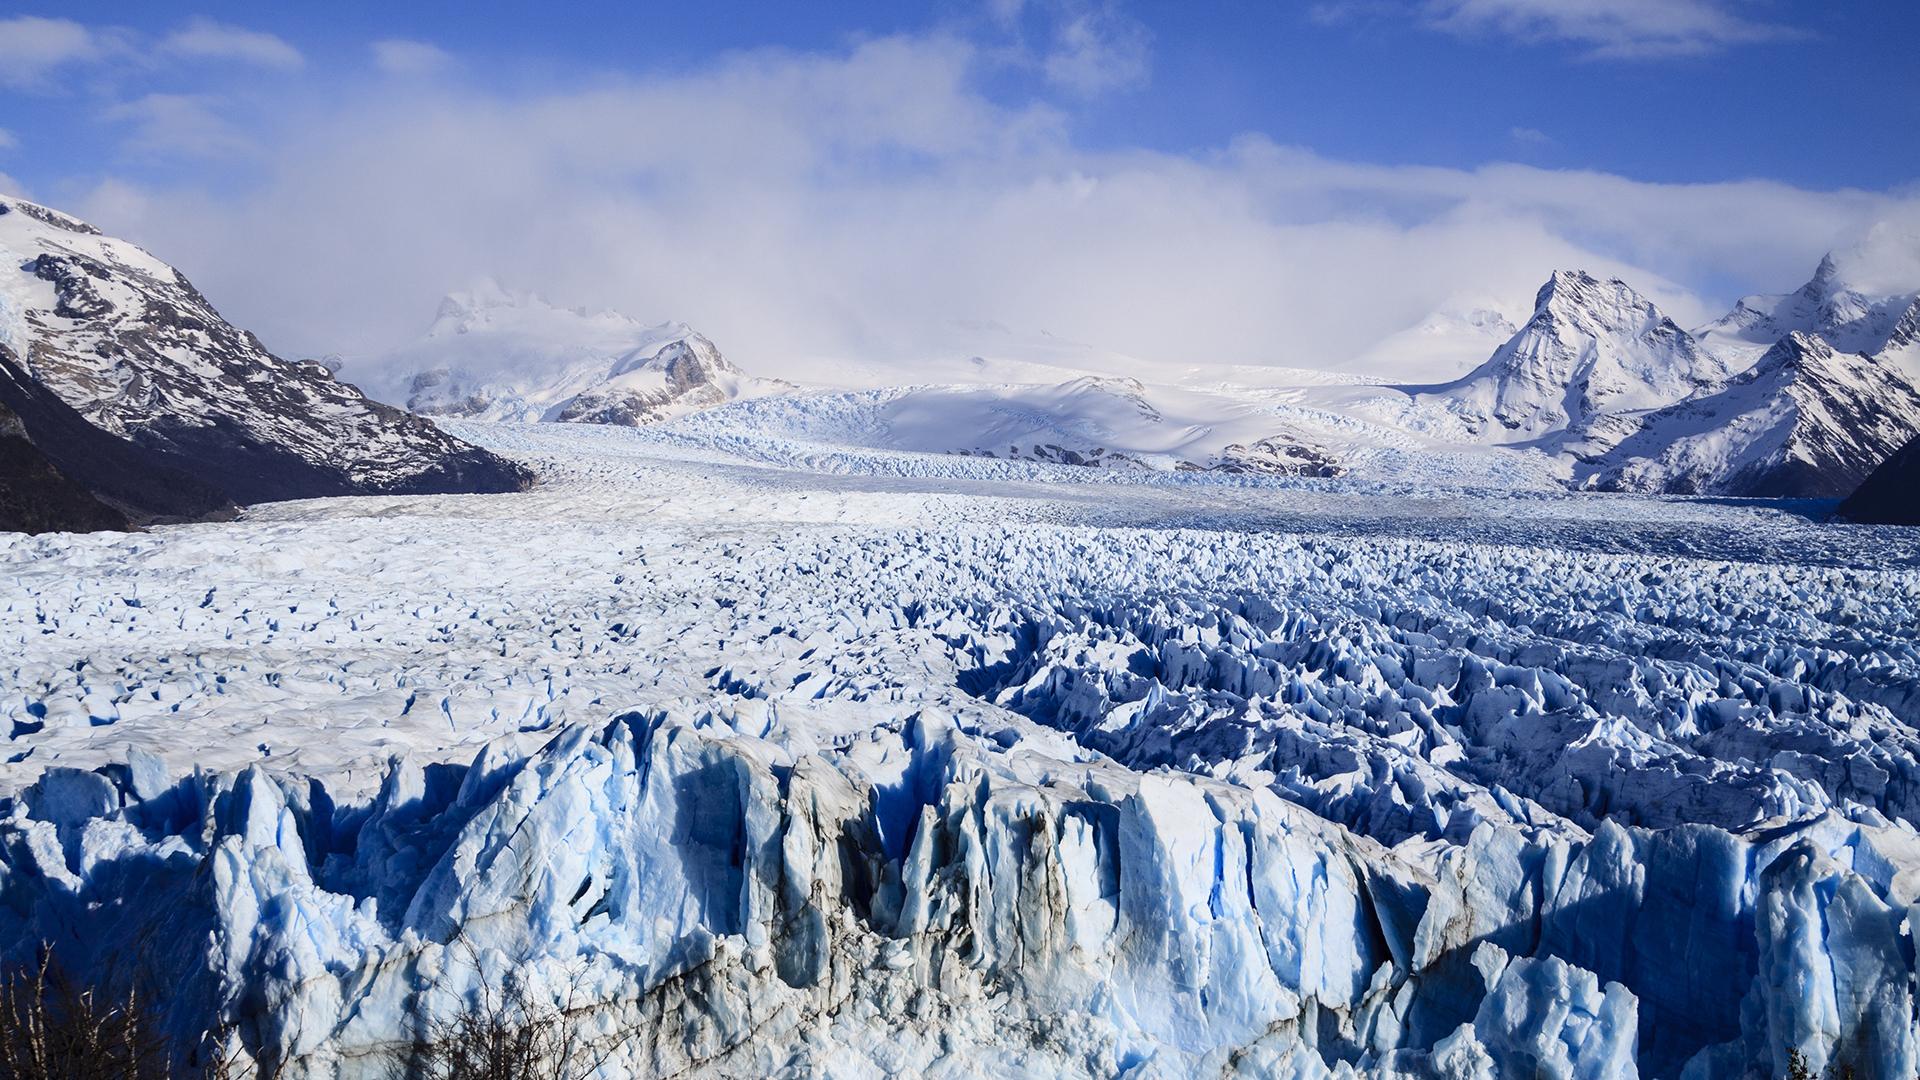 Diez cosas para hacer en El Calafate, más allá de los glaciares